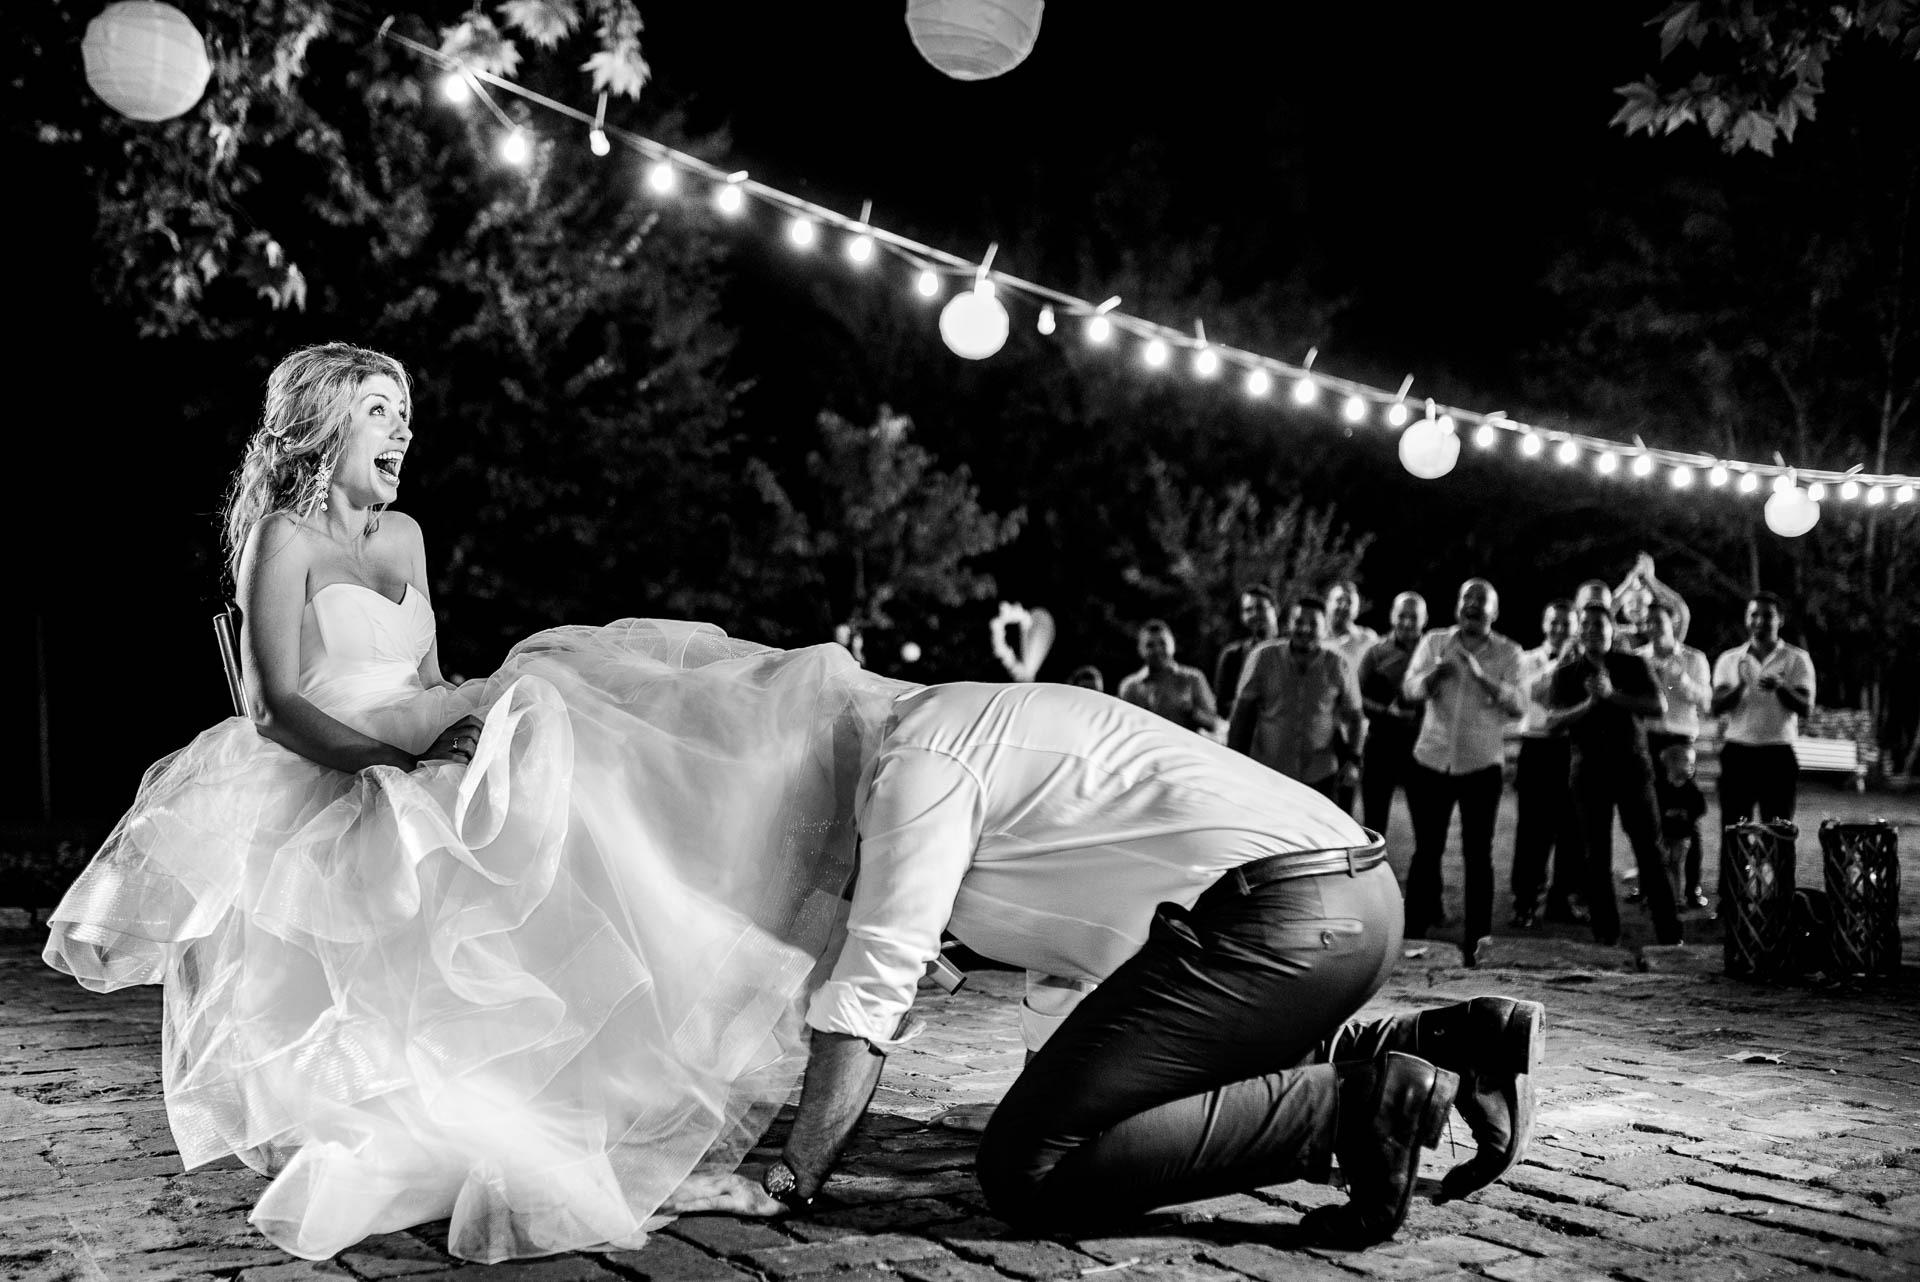 Hristina Handzhieva, of, is een trouwfotograaf voor